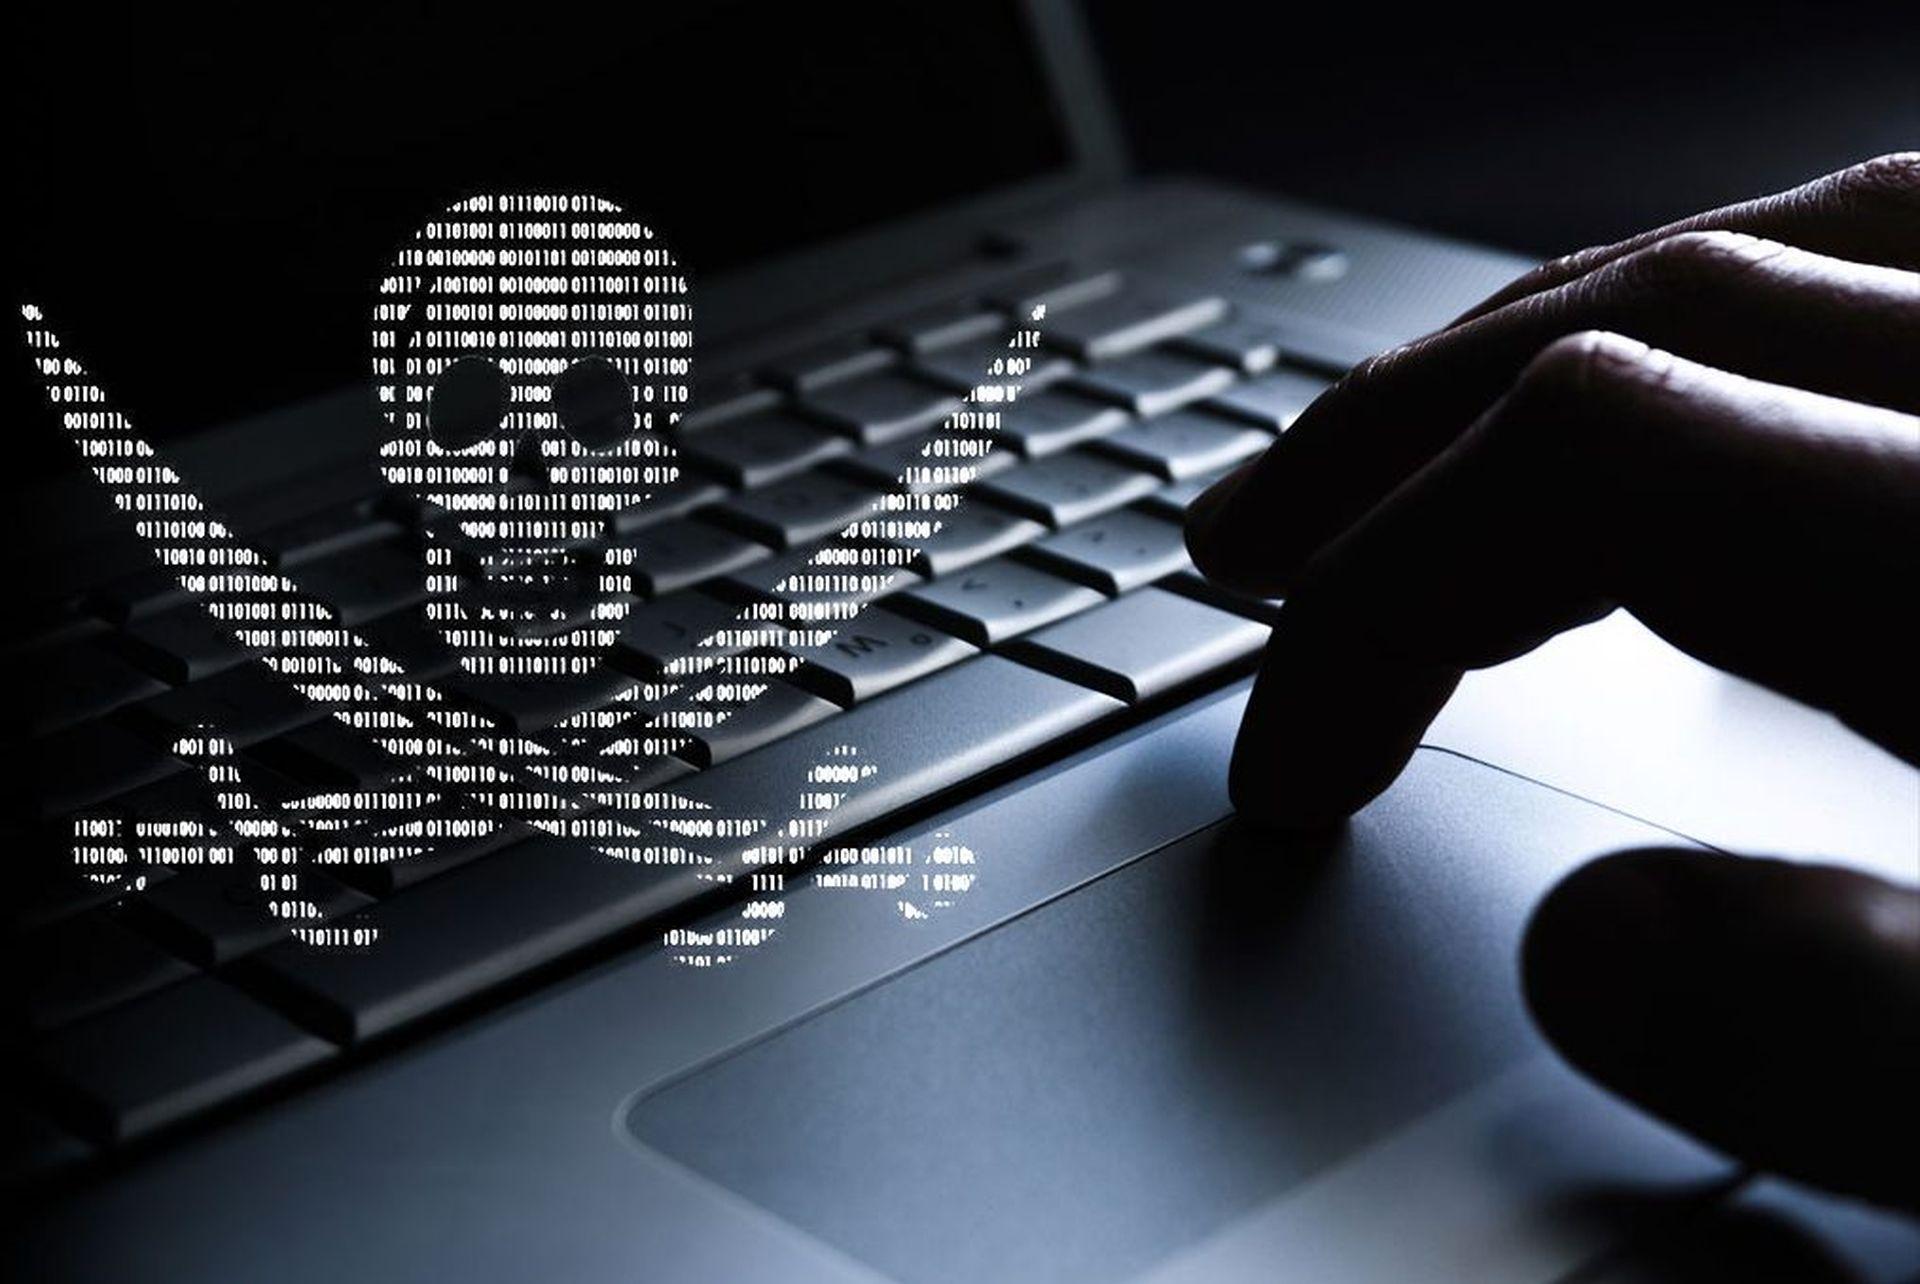 Prezydent Ukraїny pidpysav zakon pro boroťbu iz piratstvom